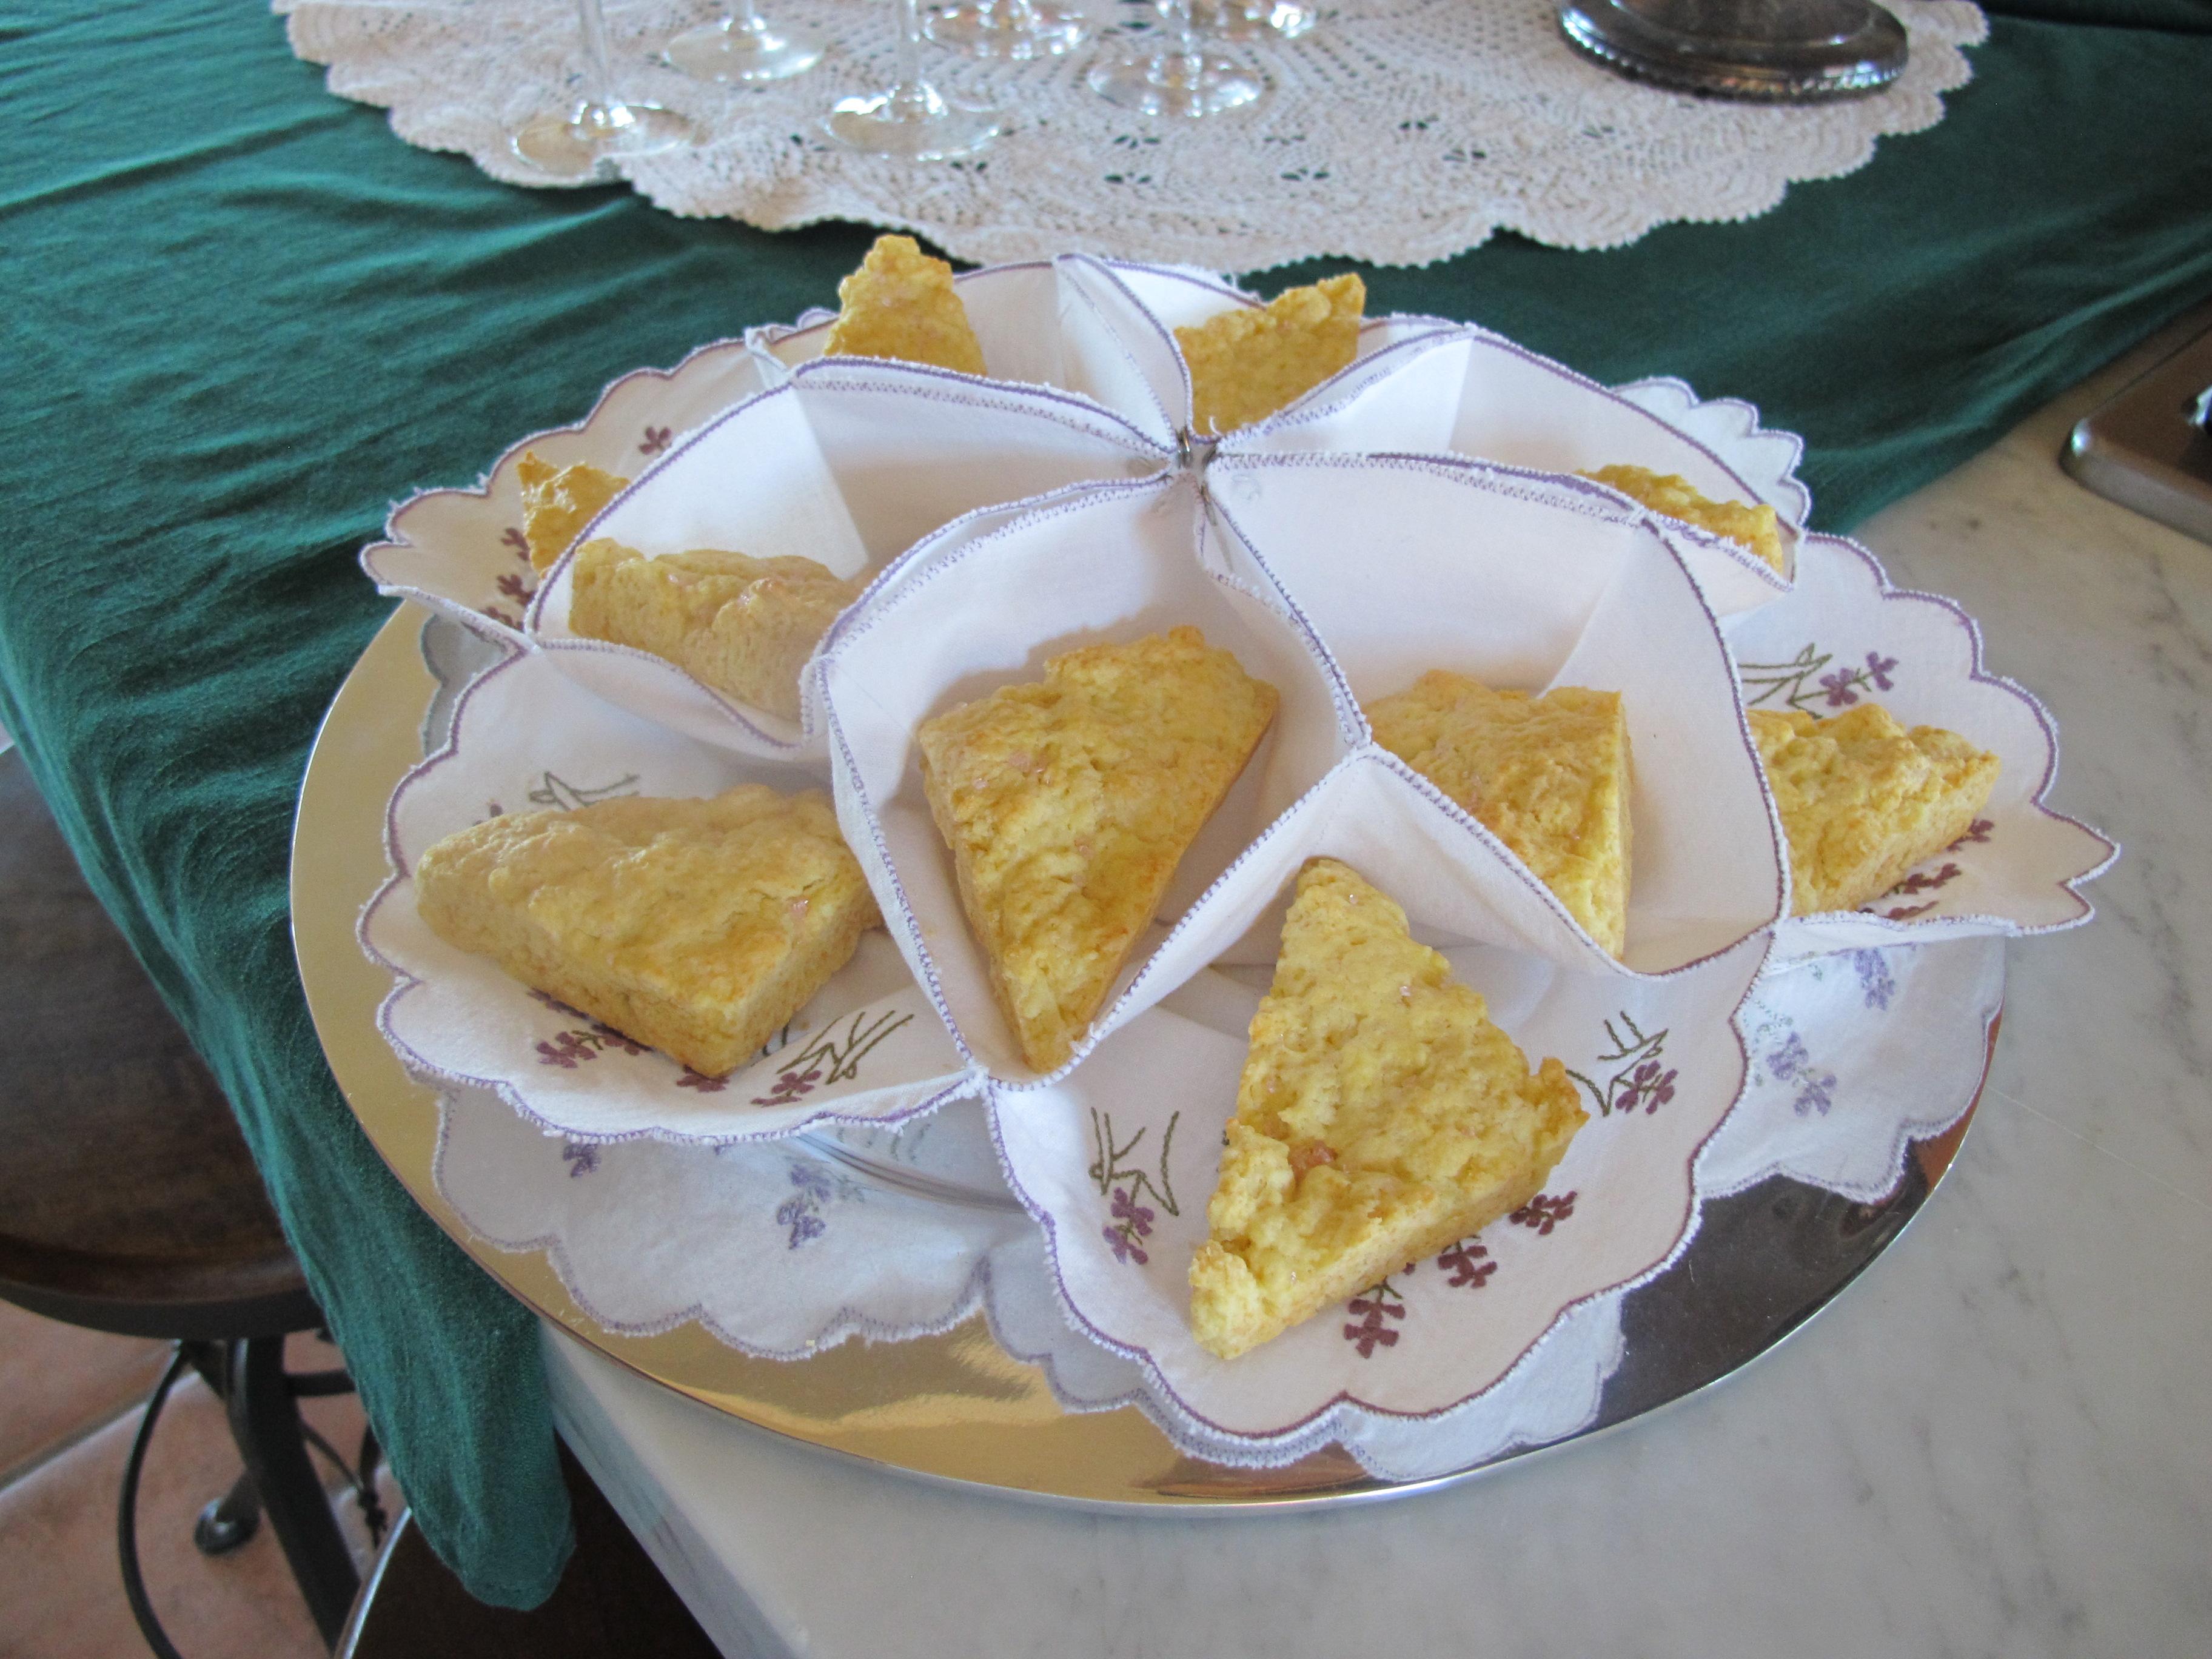 Homemade scones for Tea